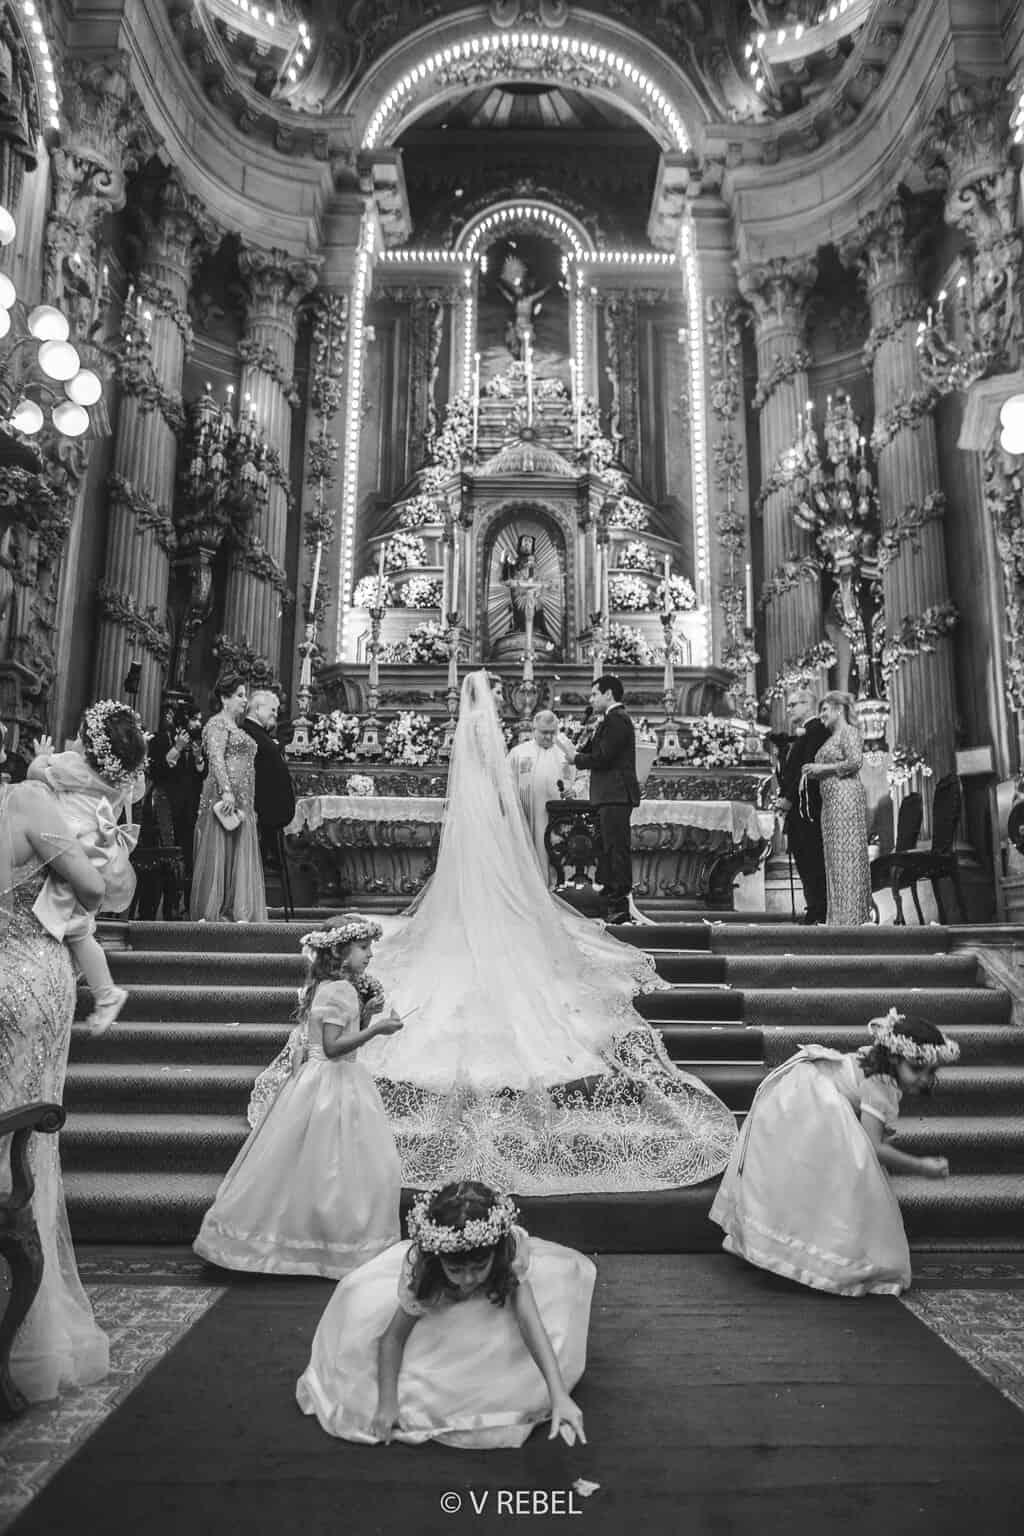 casamento-Caroline-e-Breno-casamento-clássico-cerimonia-na-igreja-daminhas-e-pajens-fotografia-VRebel-noivos-no-altar45